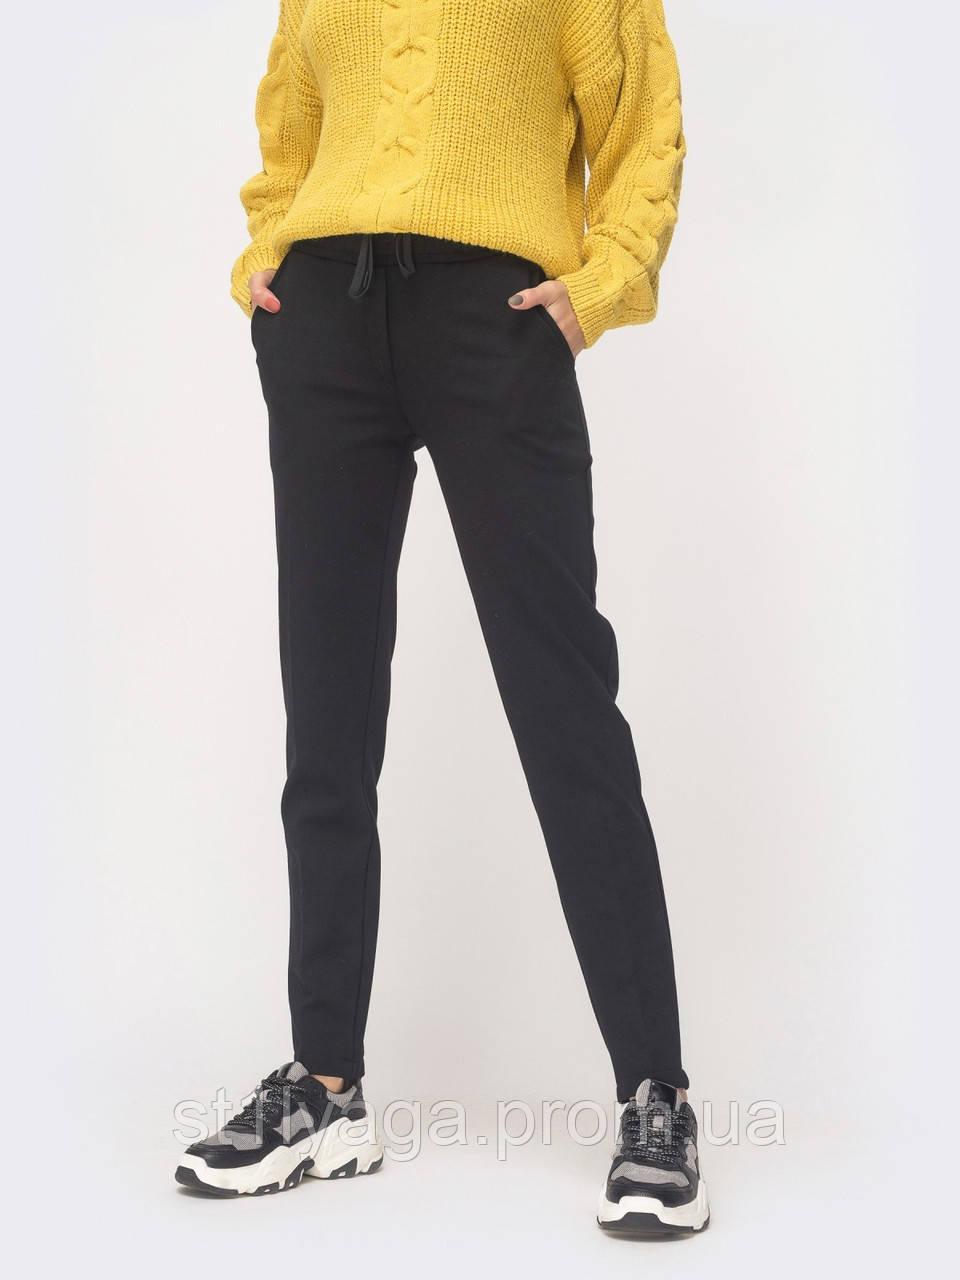 42/XS Базовые черные брюки на флисе с поясом на резинке и косыми карманами